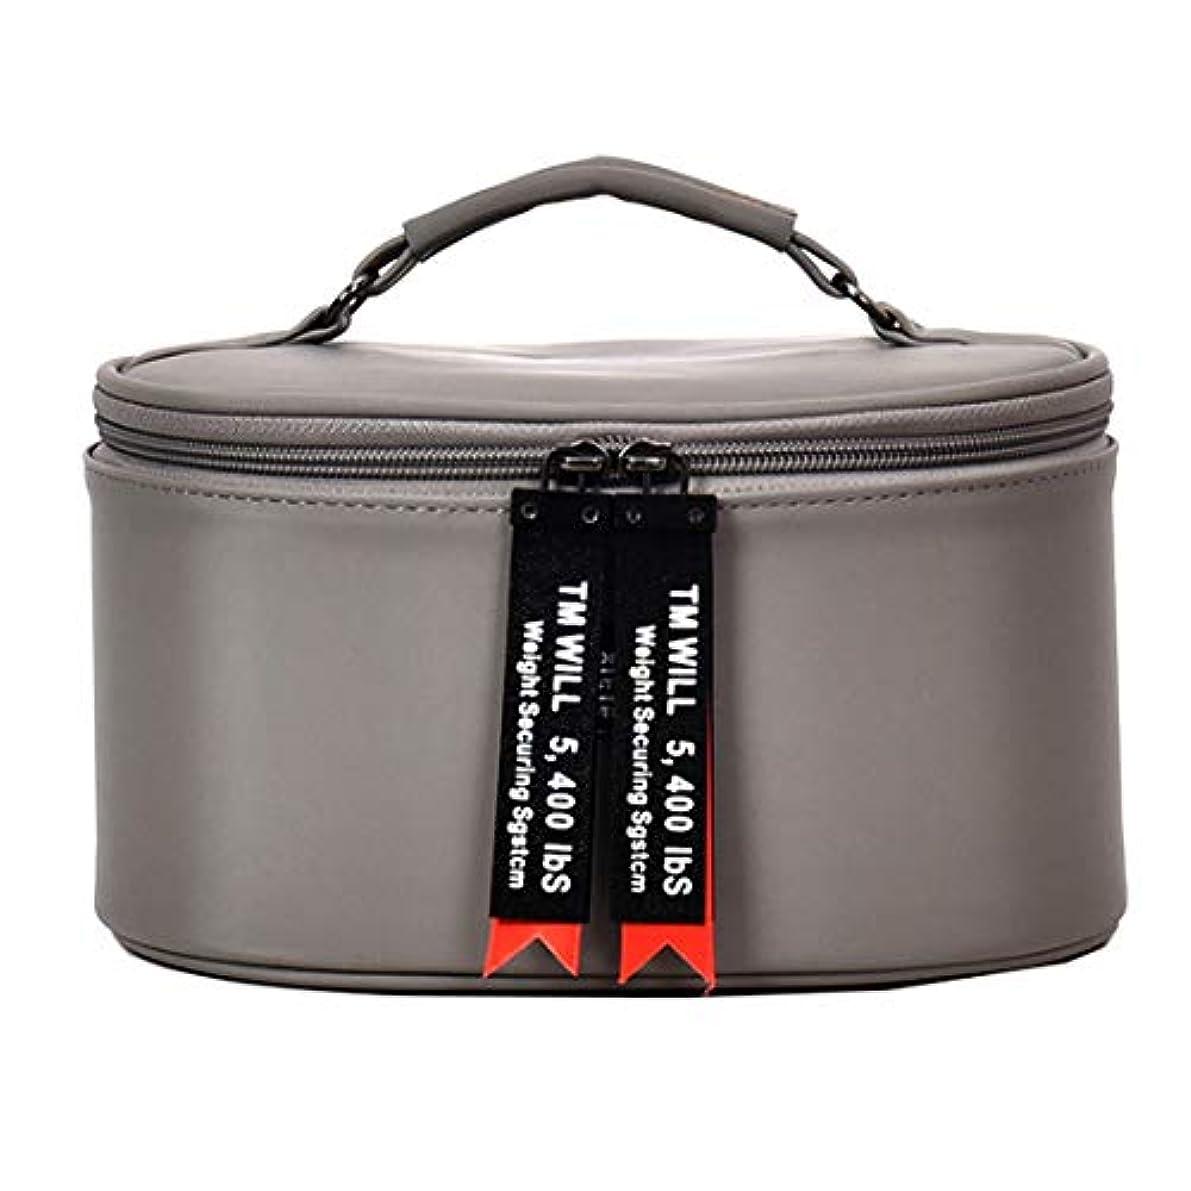 ルート忌み嫌う精神的に[テンカ] メイクボックス コスメボックス 大容量 おしゃれ かわいい 化粧品収納ボックス ブランド 人気 プロ 化粧ボックス 小物入れ 化粧道具 機能的 メイクポーチ 旅行 コスメケース 女性 グレー